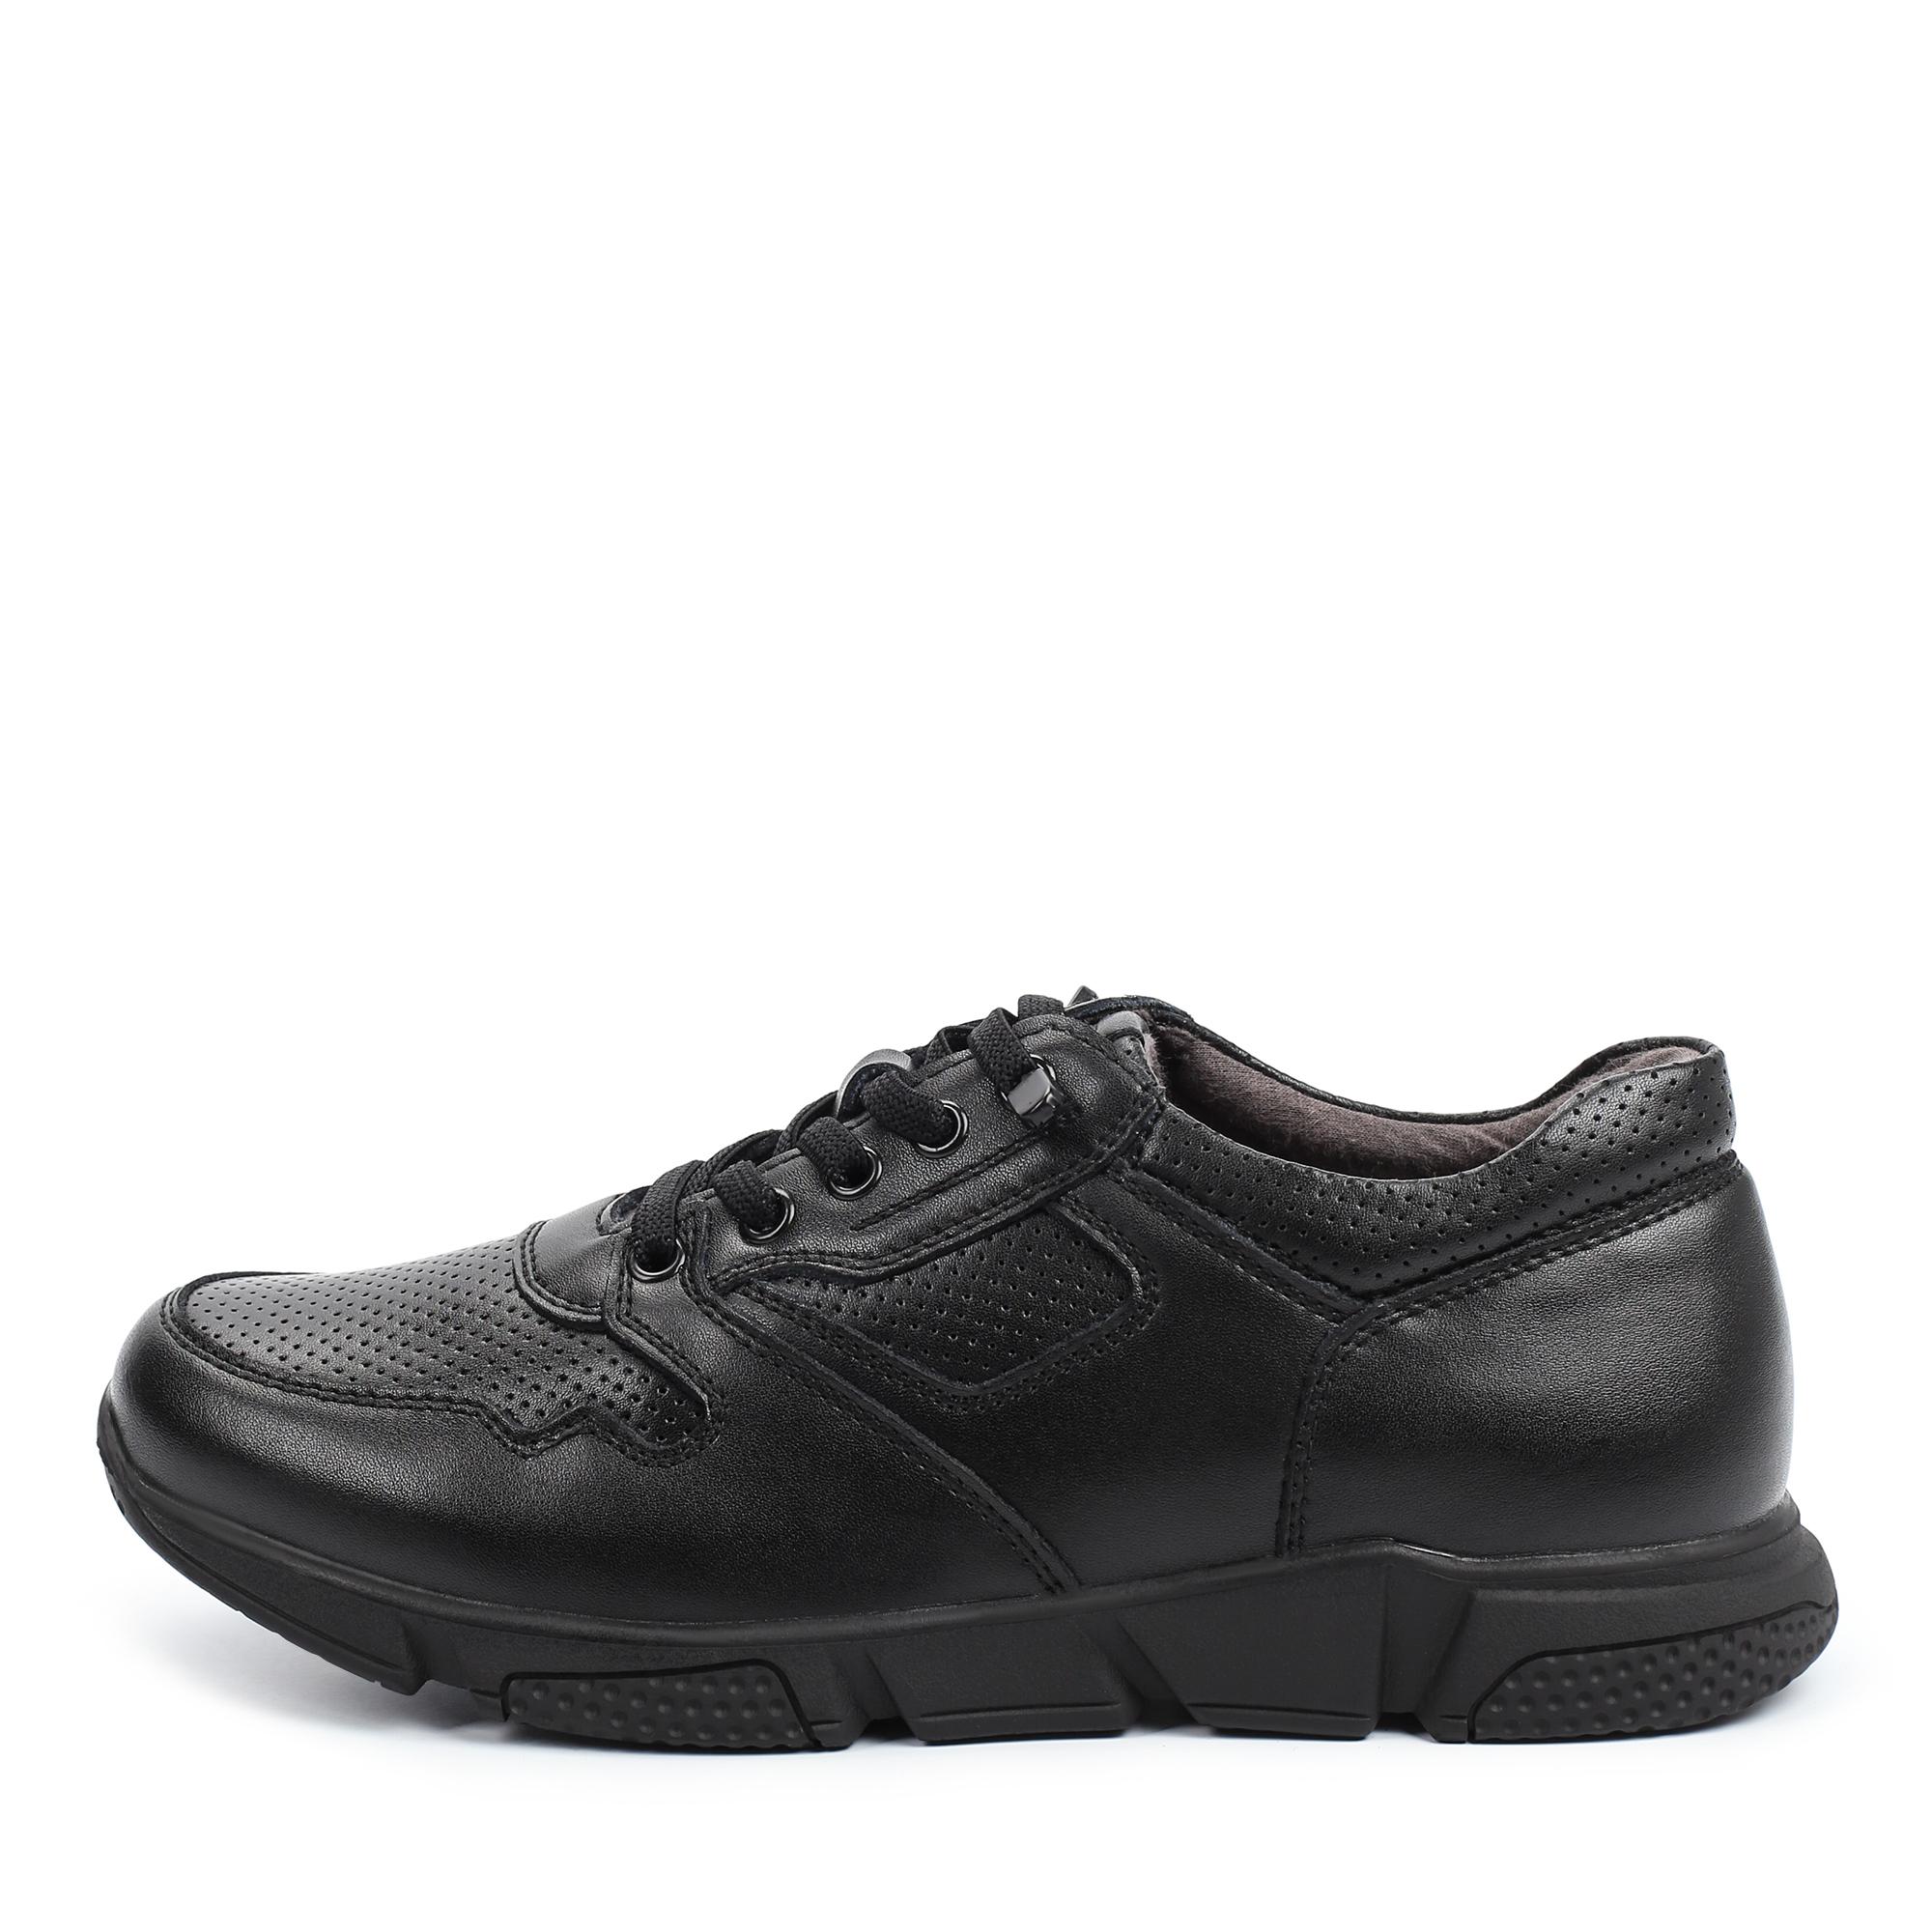 Обувь для мальчиков MUNZ YOUNG 098-640A-2602